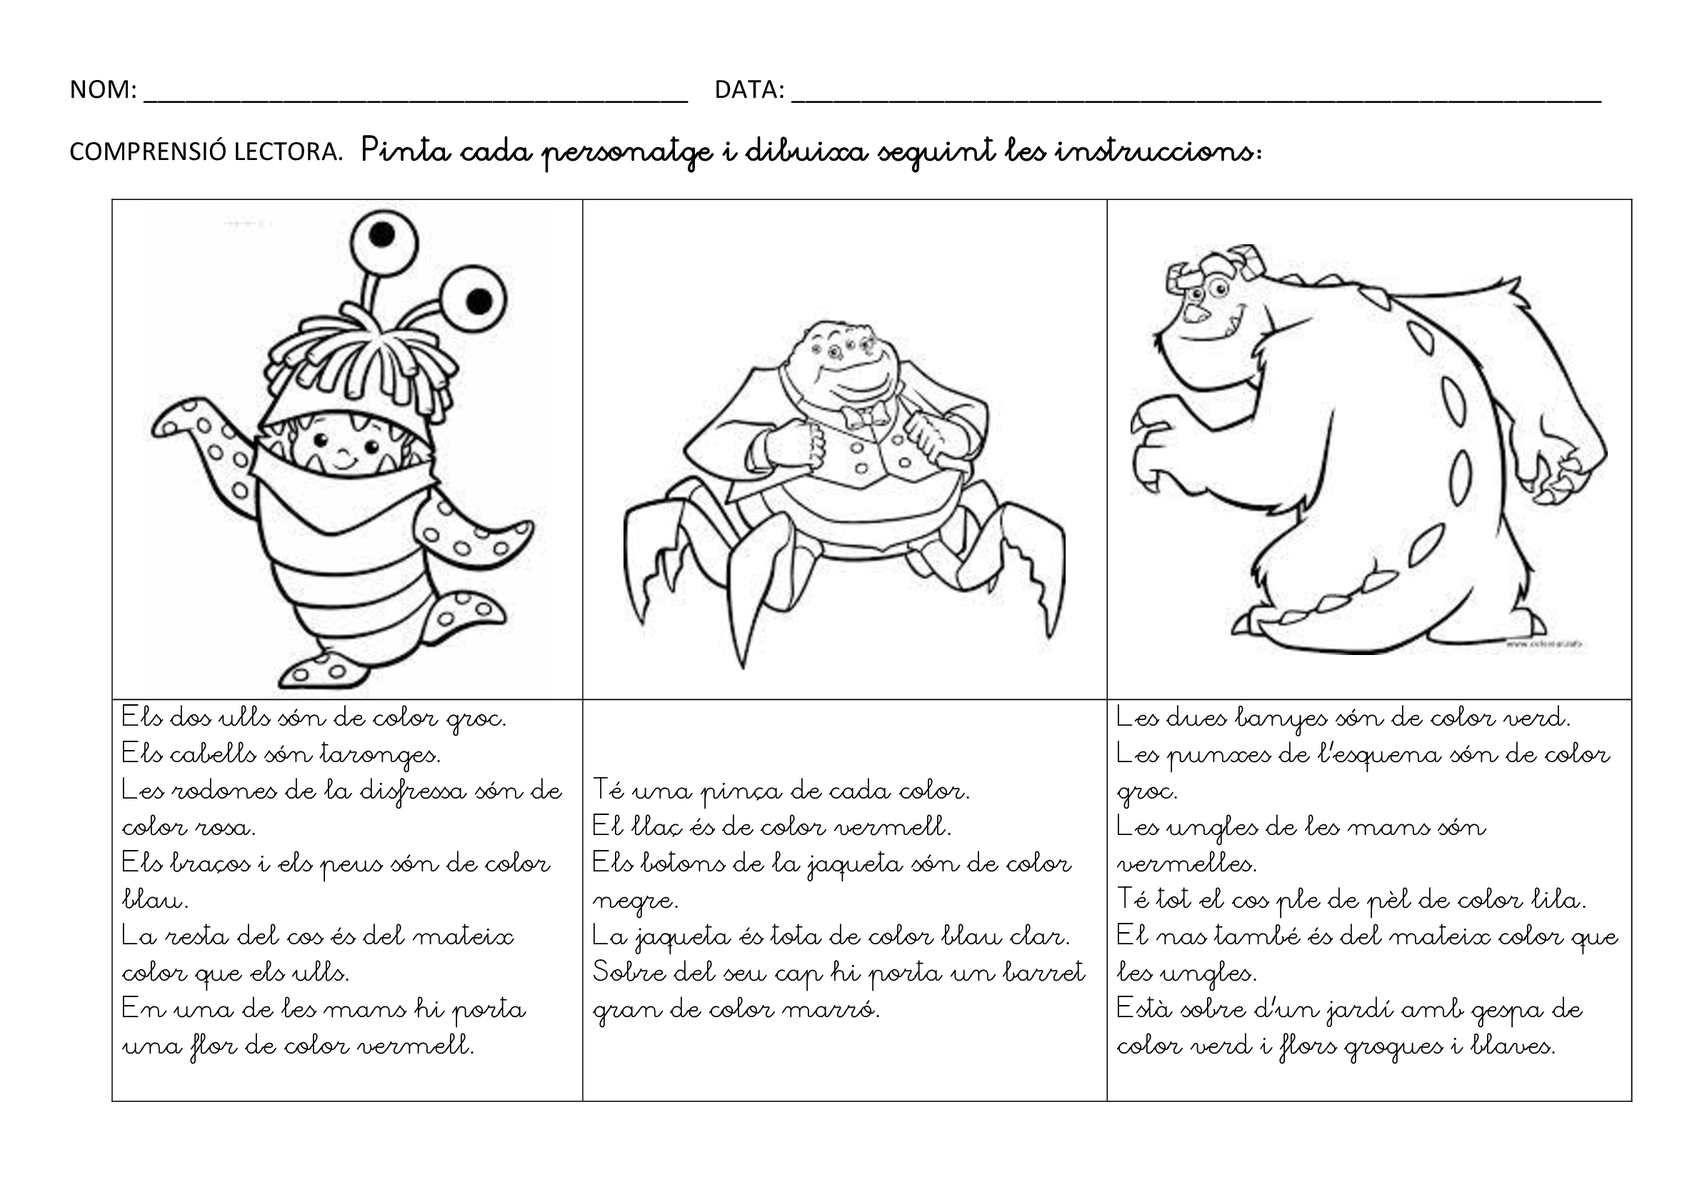 Pintar I Dibuixar Seguint Les Instruccions Potenciant La Comprensio Lectora Dos Tipus De Lletra